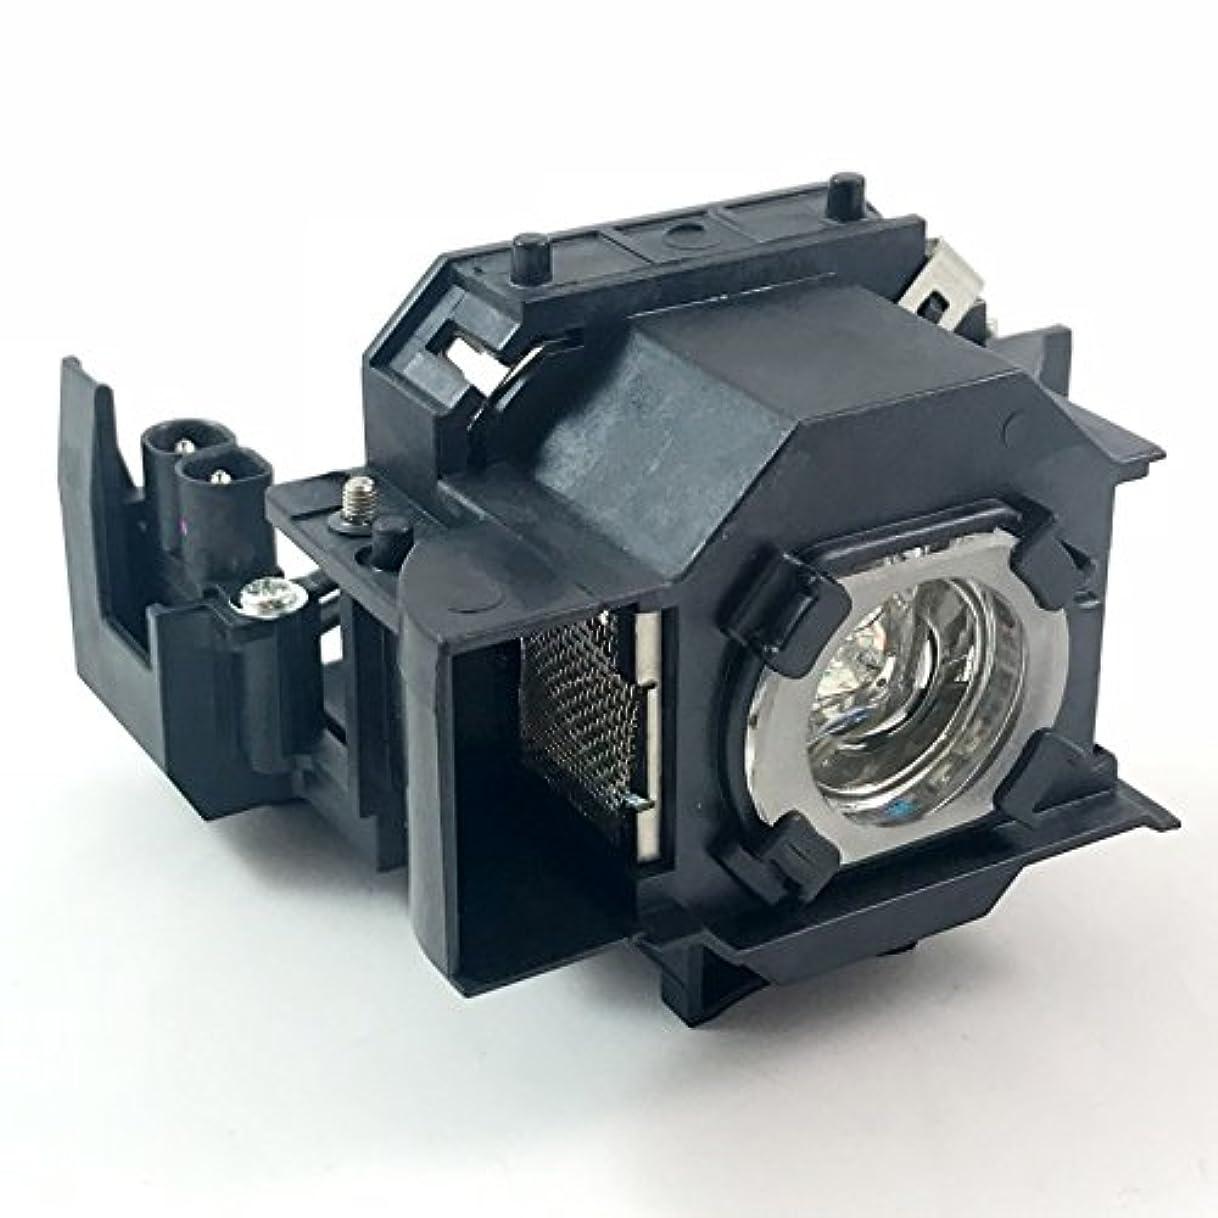 微生物平行スペア元製造元Epsonプロジェクターランプ: emp-x3